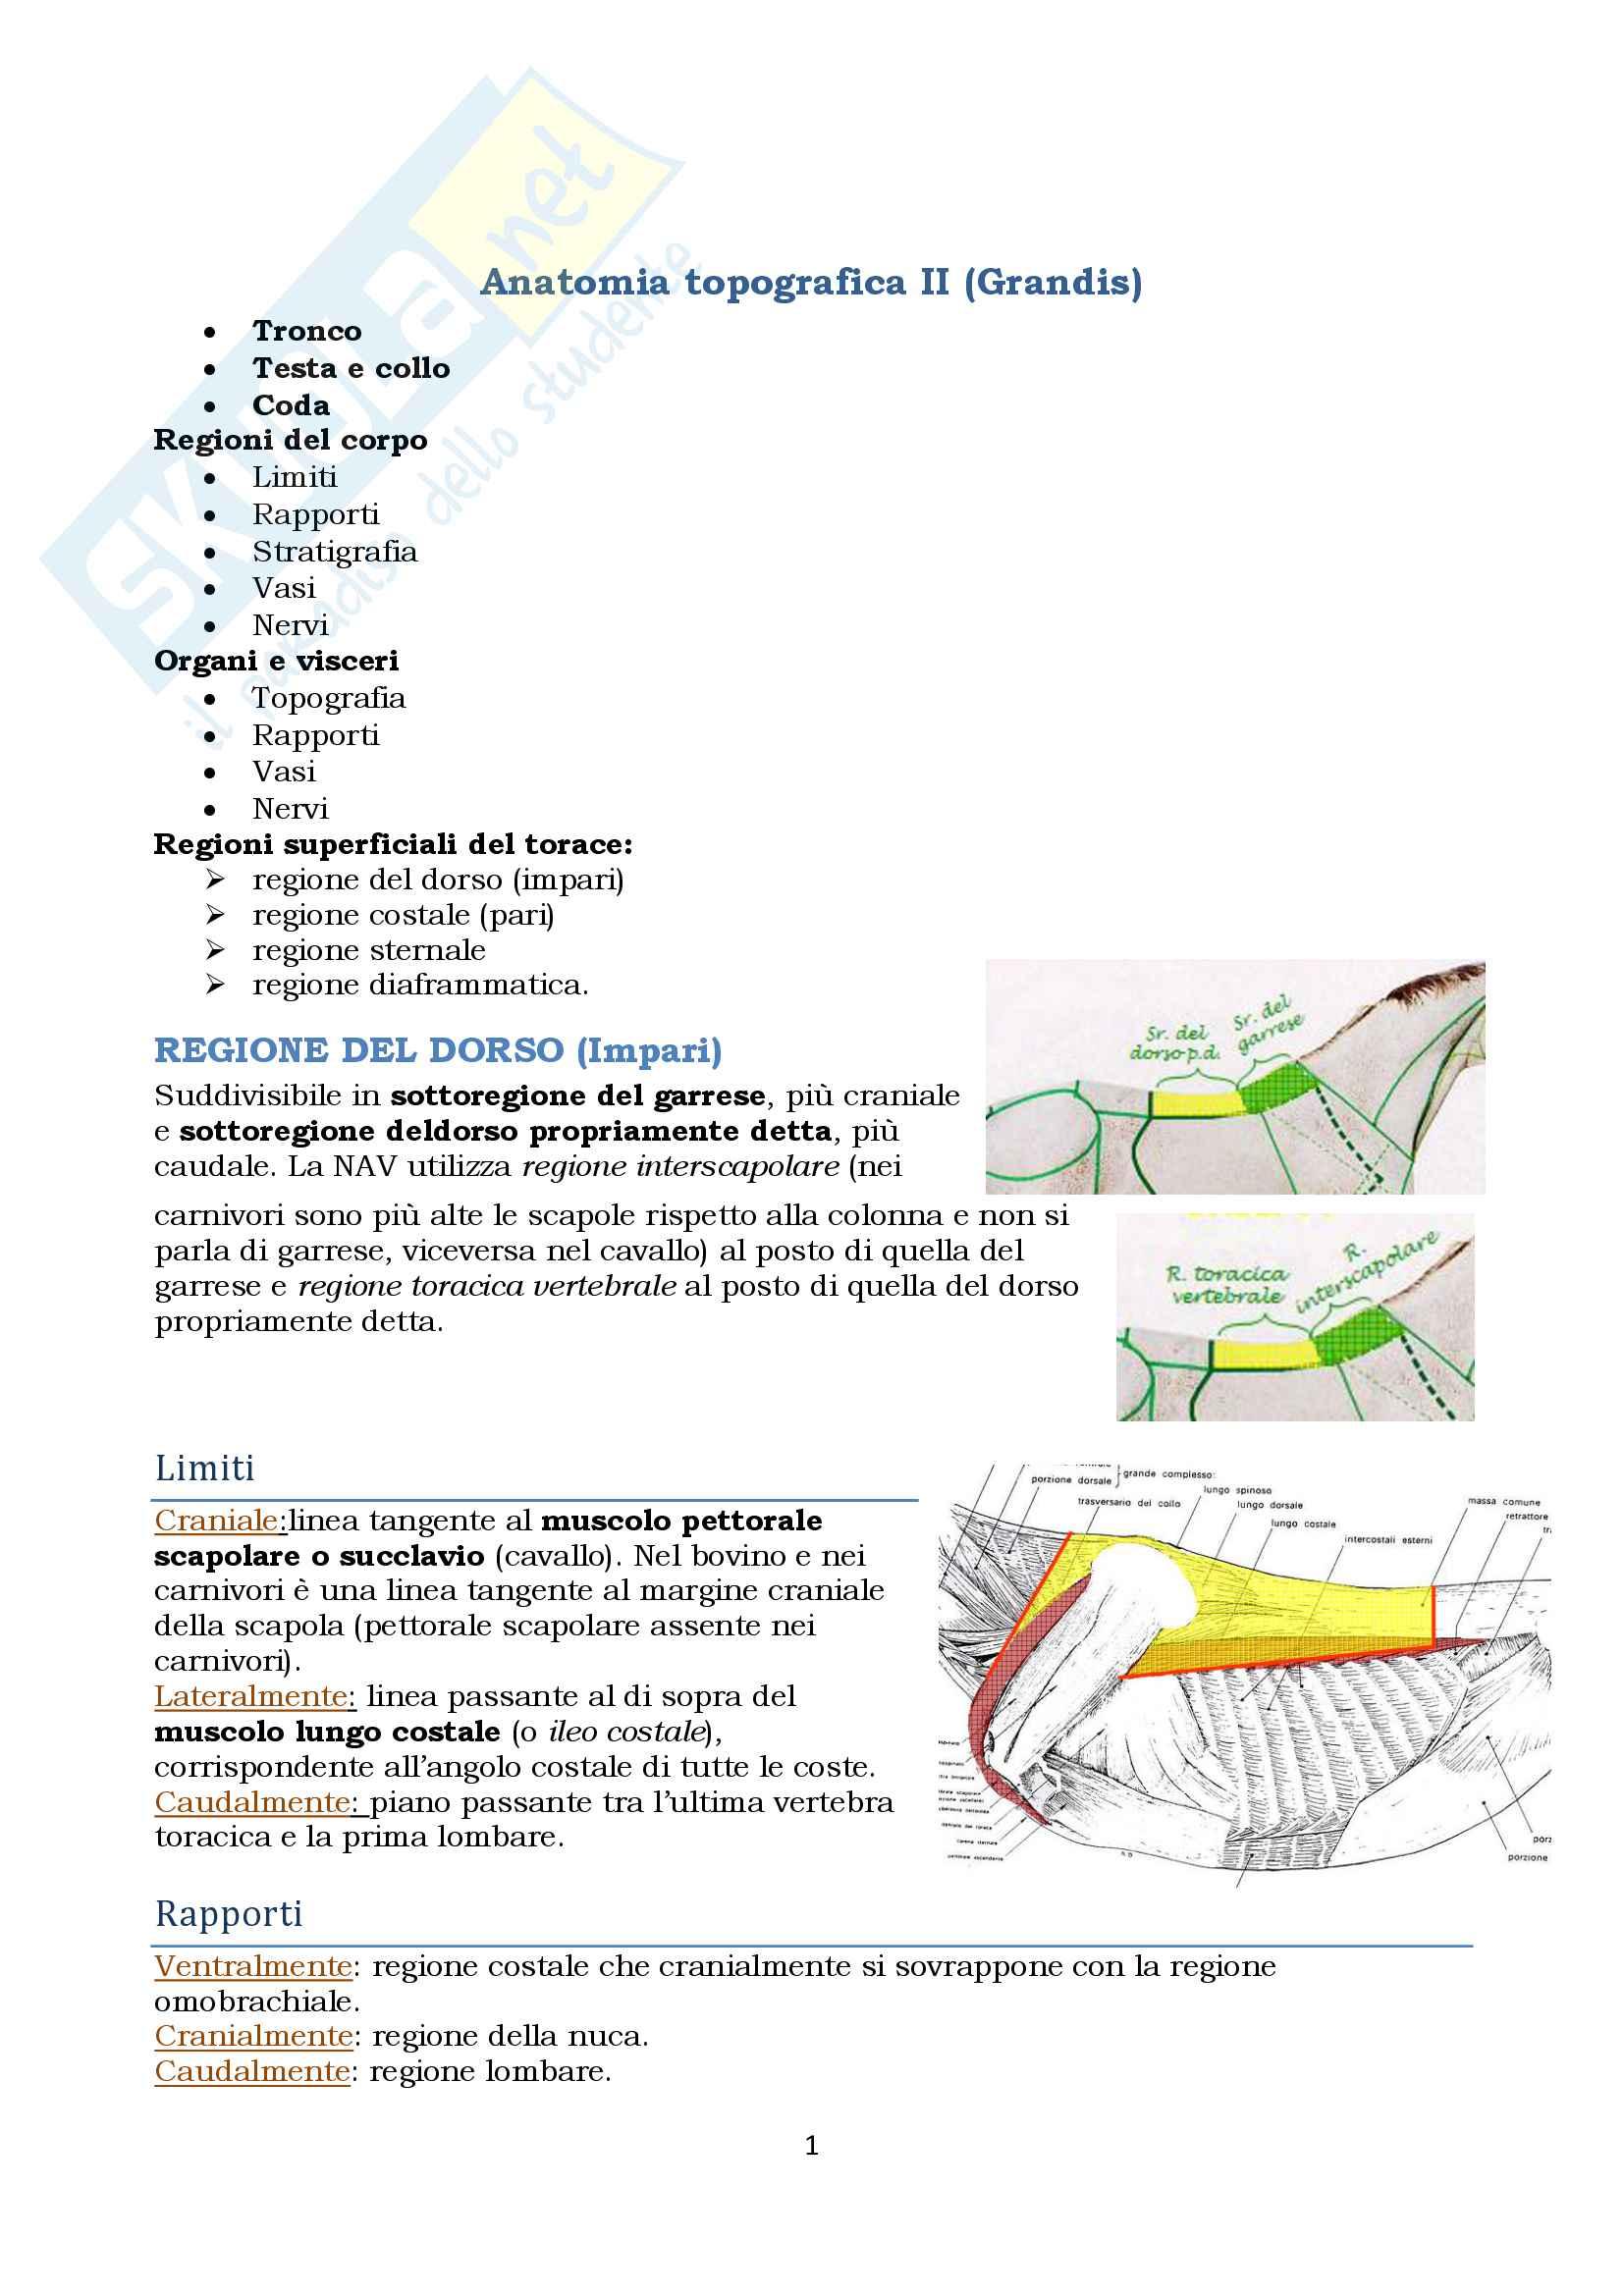 Anatomia topografica veterinaria parte II (piccoli e grandi animali)